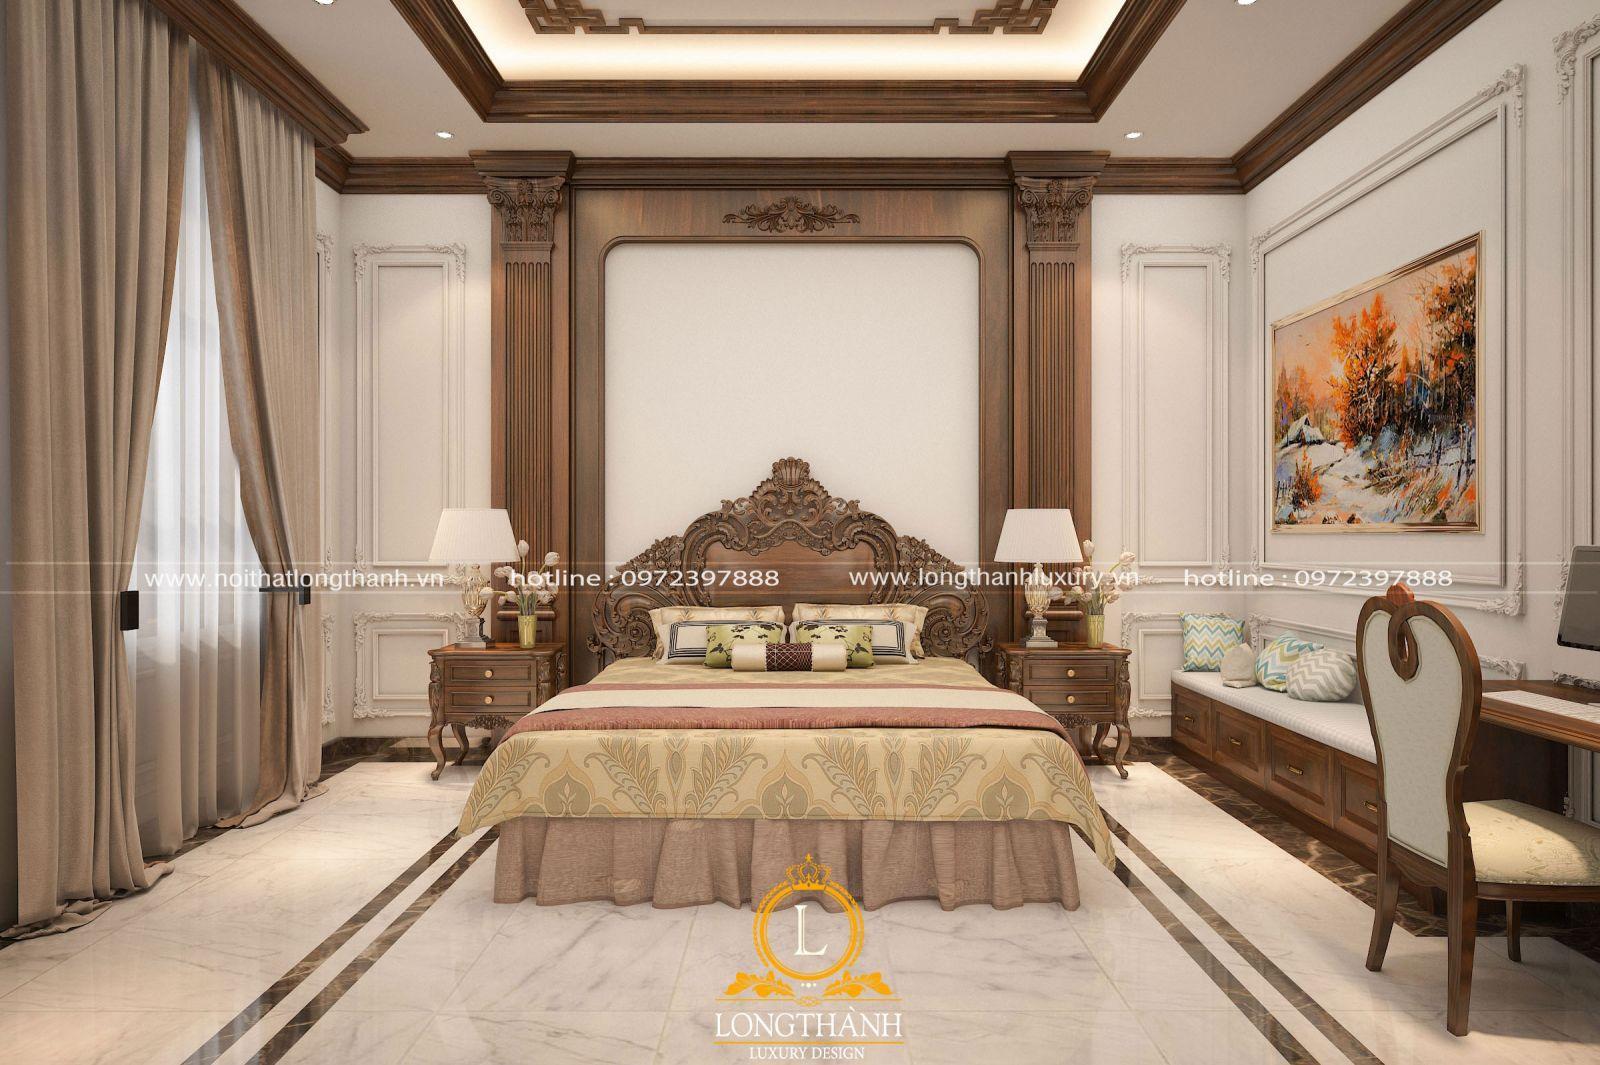 Căn phòng ngủ được thiết kế nhẹ nhàng mà tinh tế